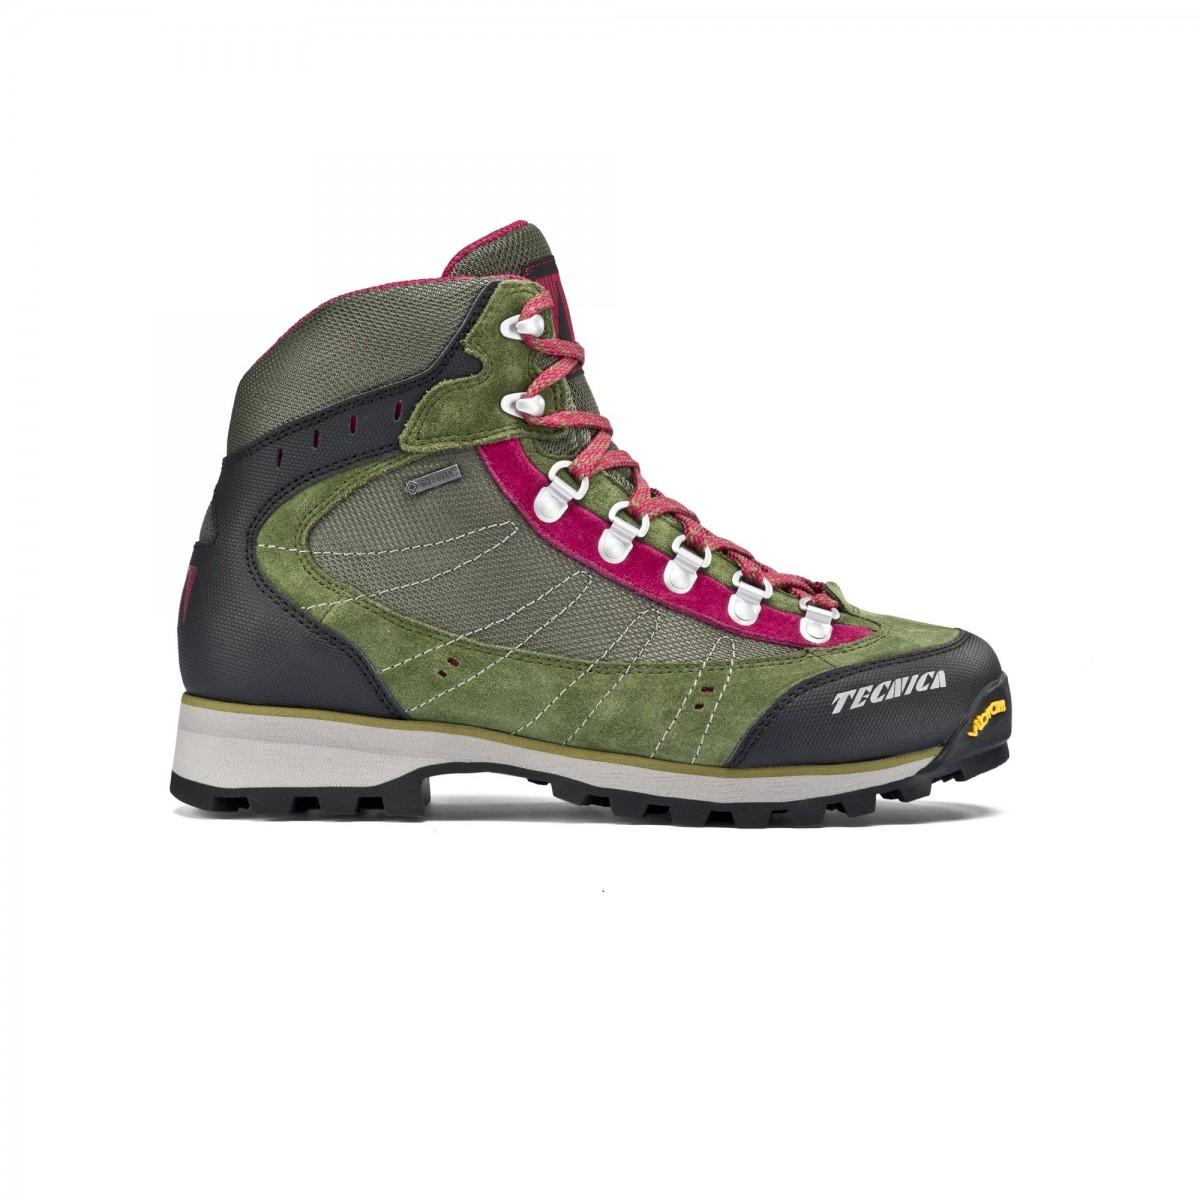 f6f7407535b9a Scarpe trekking Tecnica Makalu III Gtx Donna Militare Rosa da Mancini Store